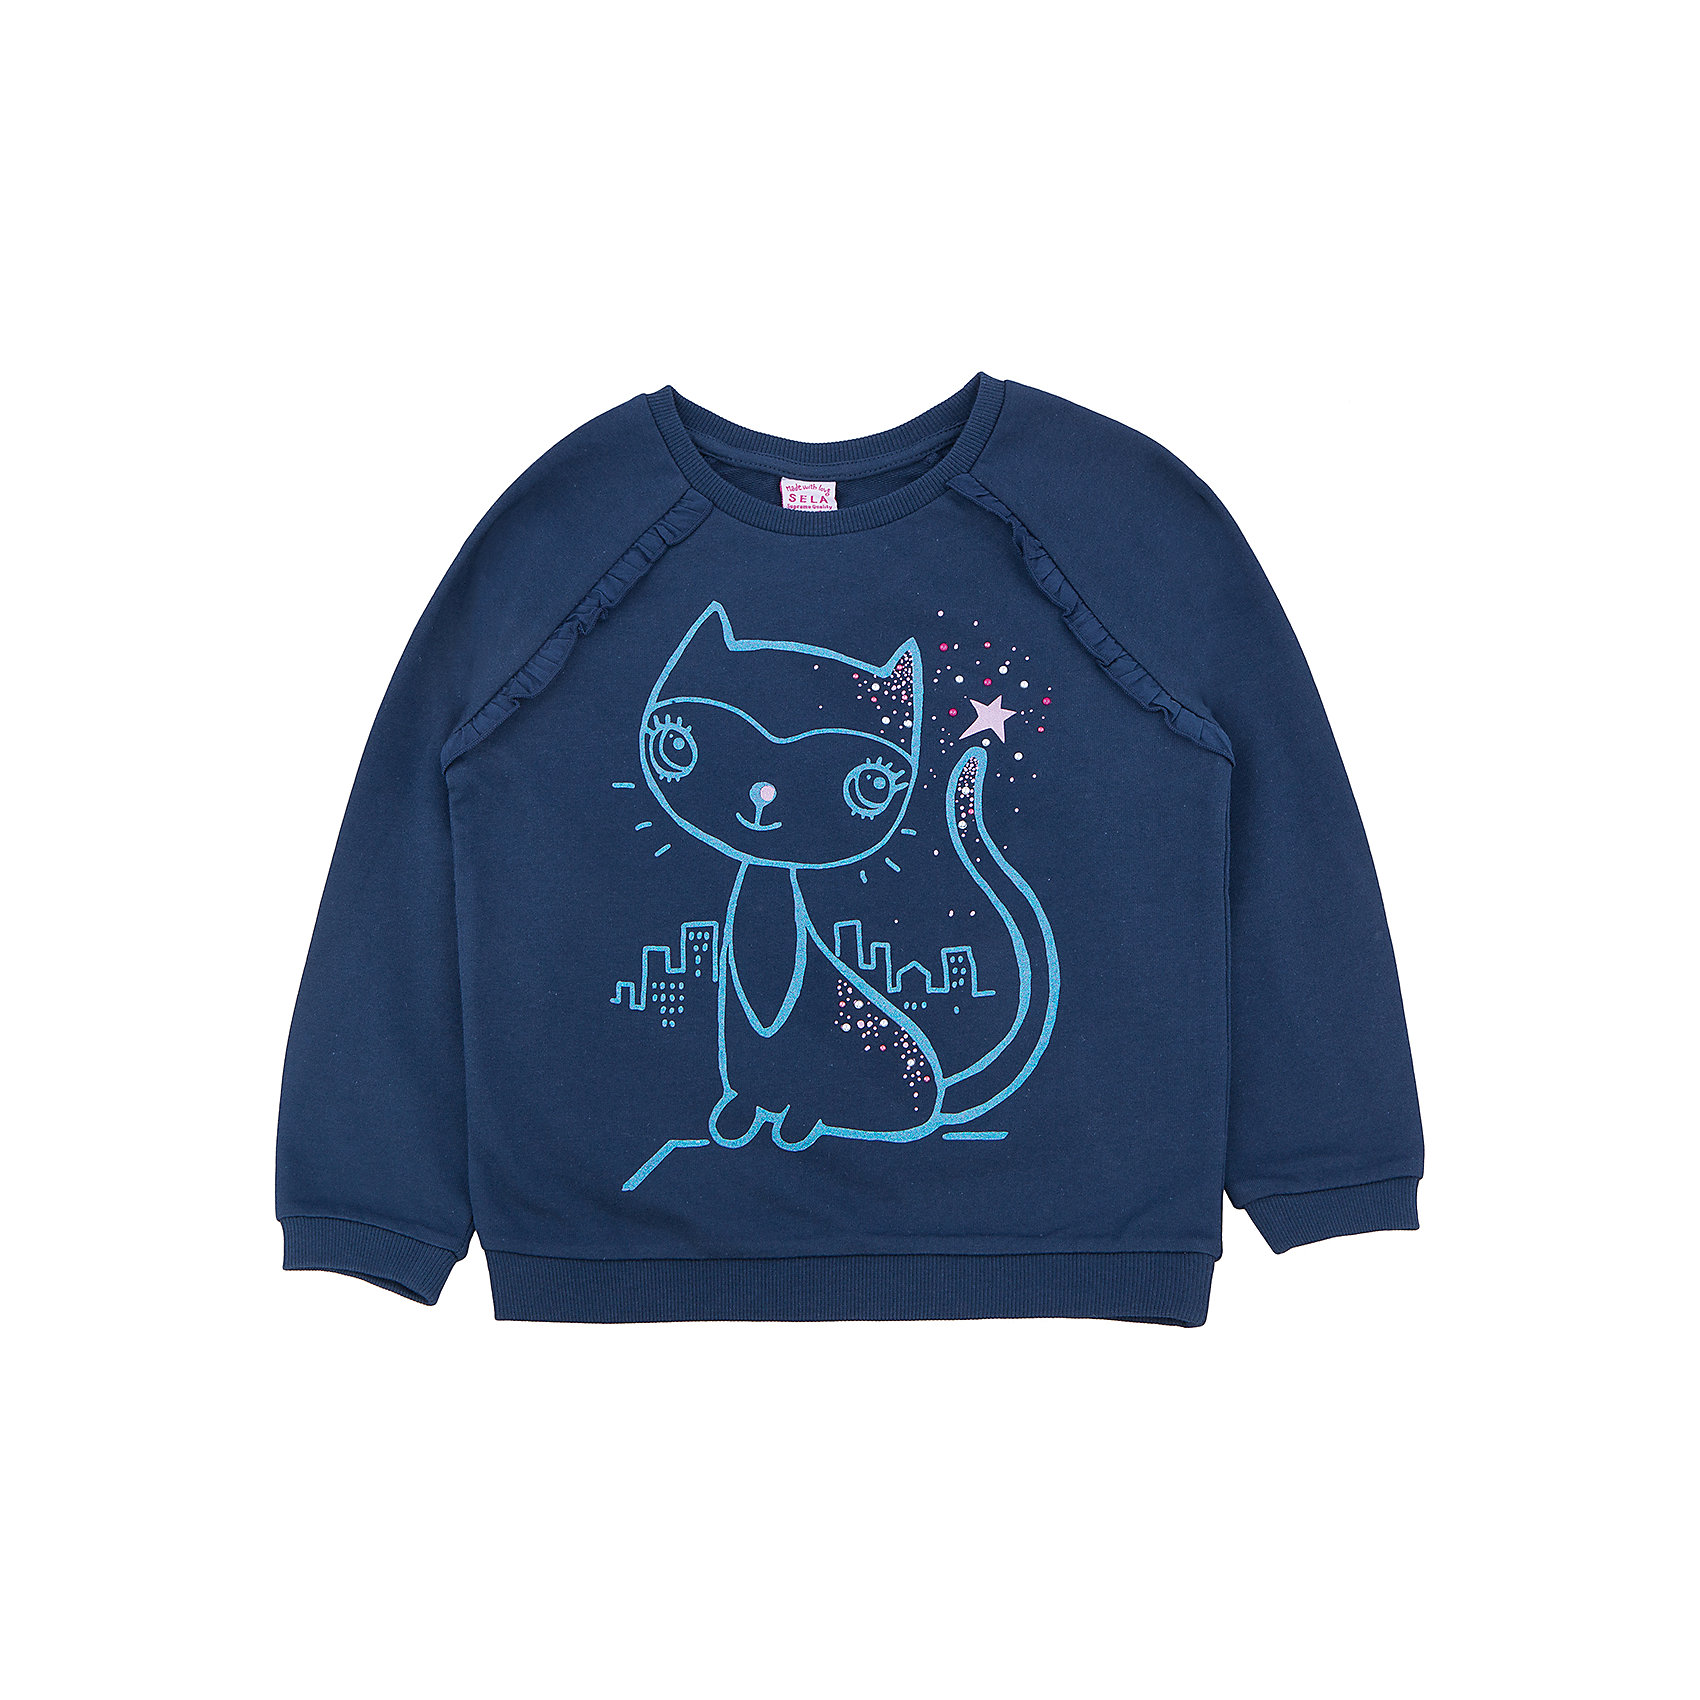 Джемпер для девочки SELAДжемпер для девочки из коллекции осень-зима 2016-2017 от известного бренда SELA. Удобный хлопковый джемпер на каждый день. Приятный темно-синий цвет и яркий рисунок кошки придут по вкусу модницам и любительницам животных. Джемпер отлично подойдет к юбкам и к джинсам.<br><br>Дополнительная информация:<br>- Длина: нормальная<br>- Рукав: длинный, реглан<br>- Силуэт: прямой<br>Состав: 100% хлопок <br><br>Джемпер для девочек Sela можно купить в нашем интернет-магазине.<br><br>Подробнее:<br>• Для детей в возрасте: от 2 до 6 лет<br>• Номер товара: 4913375<br>Страна производитель: Китай<br><br>Ширина мм: 190<br>Глубина мм: 74<br>Высота мм: 229<br>Вес г: 236<br>Цвет: синий<br>Возраст от месяцев: 48<br>Возраст до месяцев: 60<br>Пол: Женский<br>Возраст: Детский<br>Размер: 110,116,98,104,92<br>SKU: 4913374